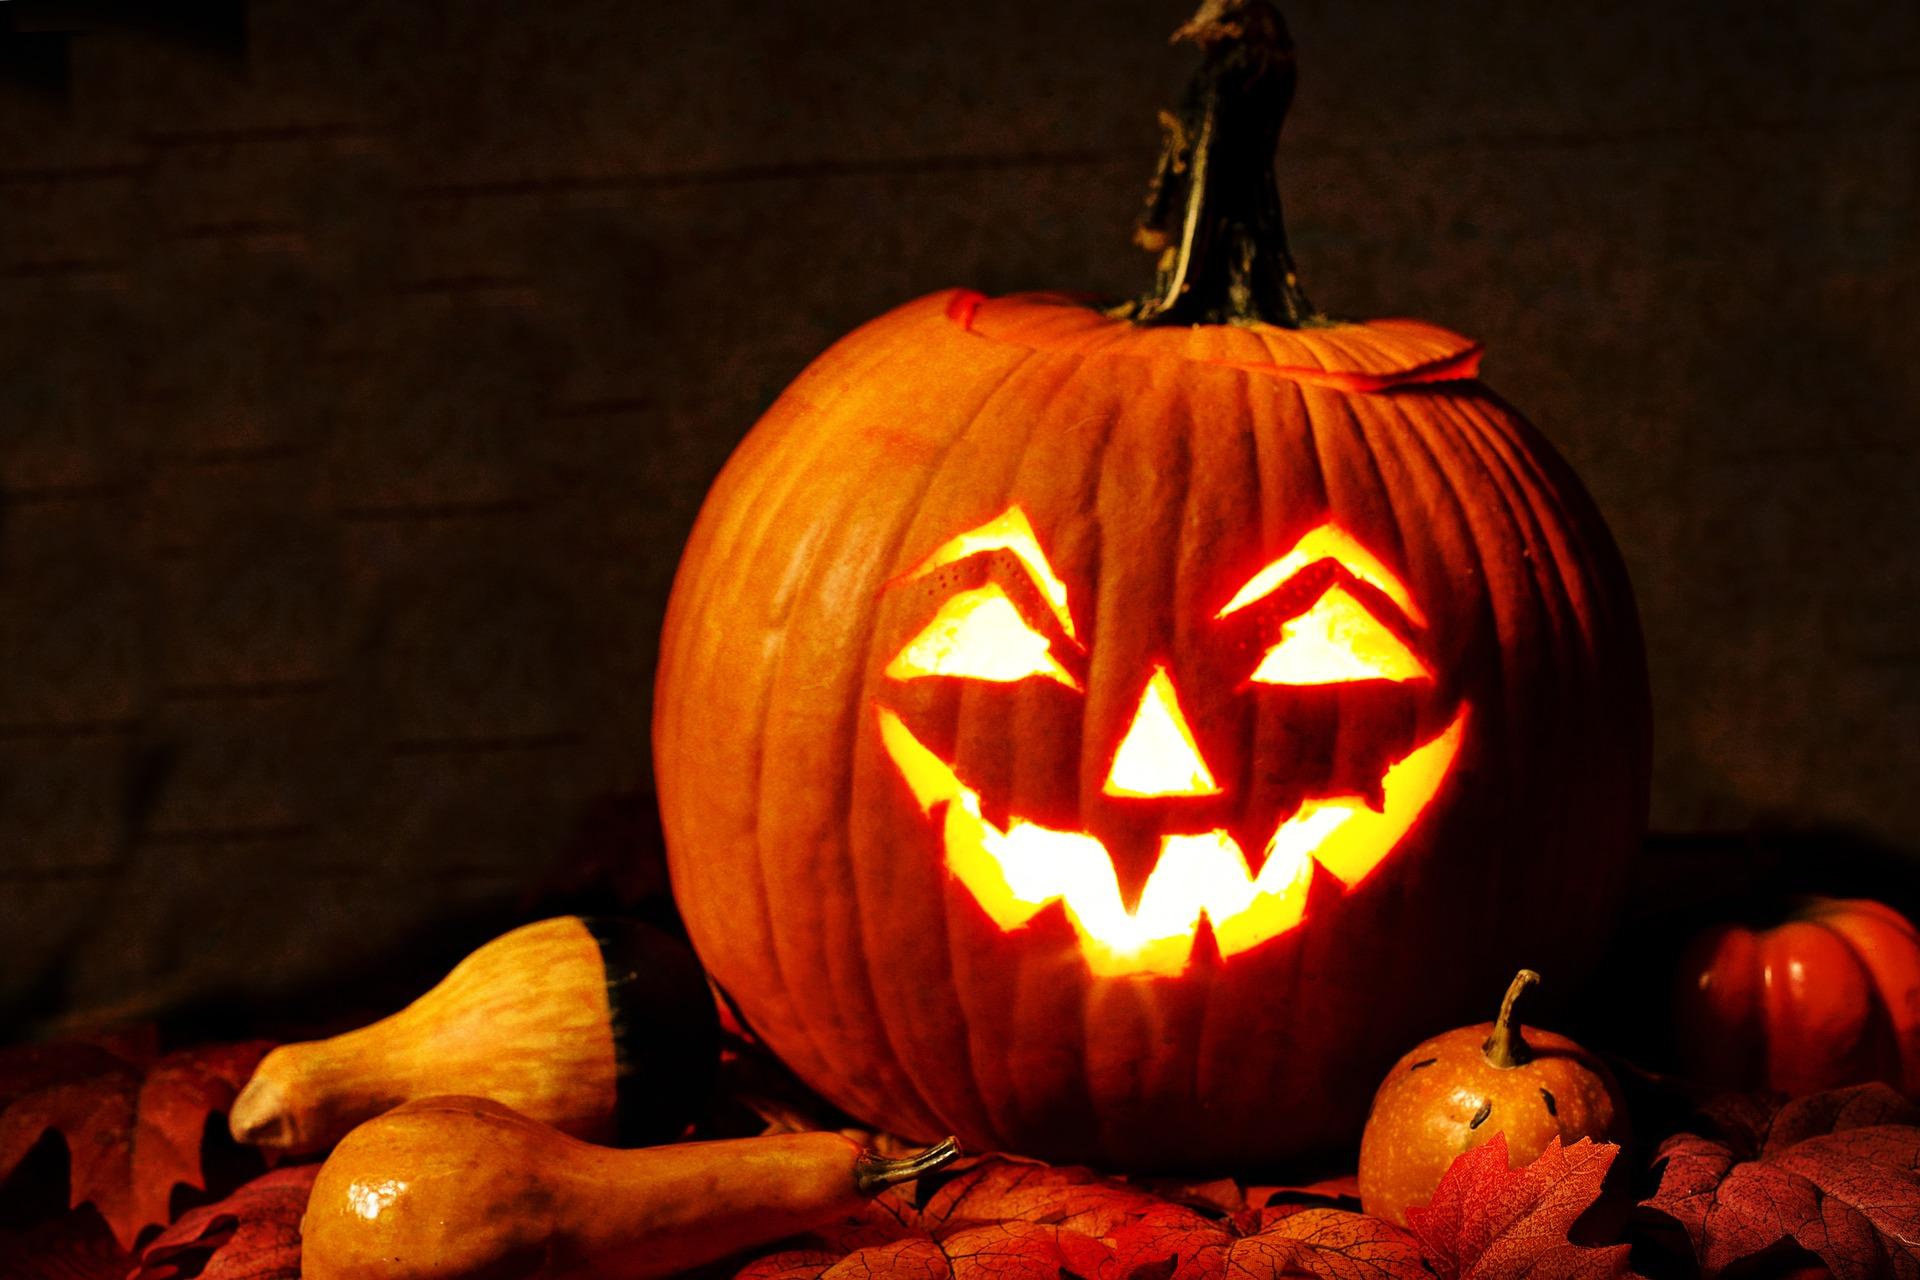 evil jack-o-lantern with leaves in dark